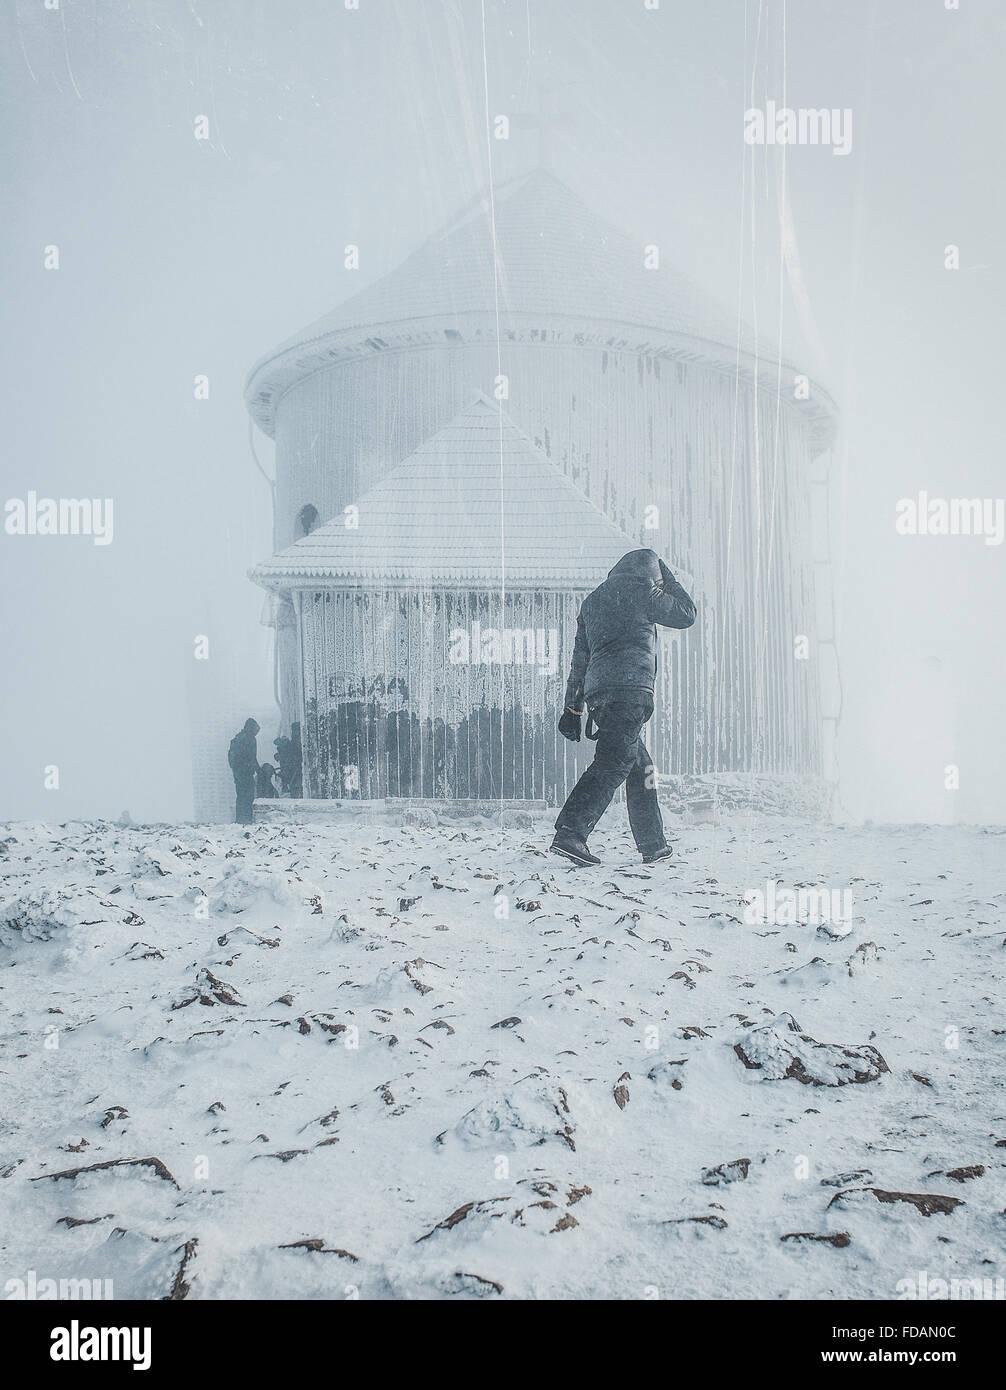 País das Maravilhas de Inverno Imagens de Stock